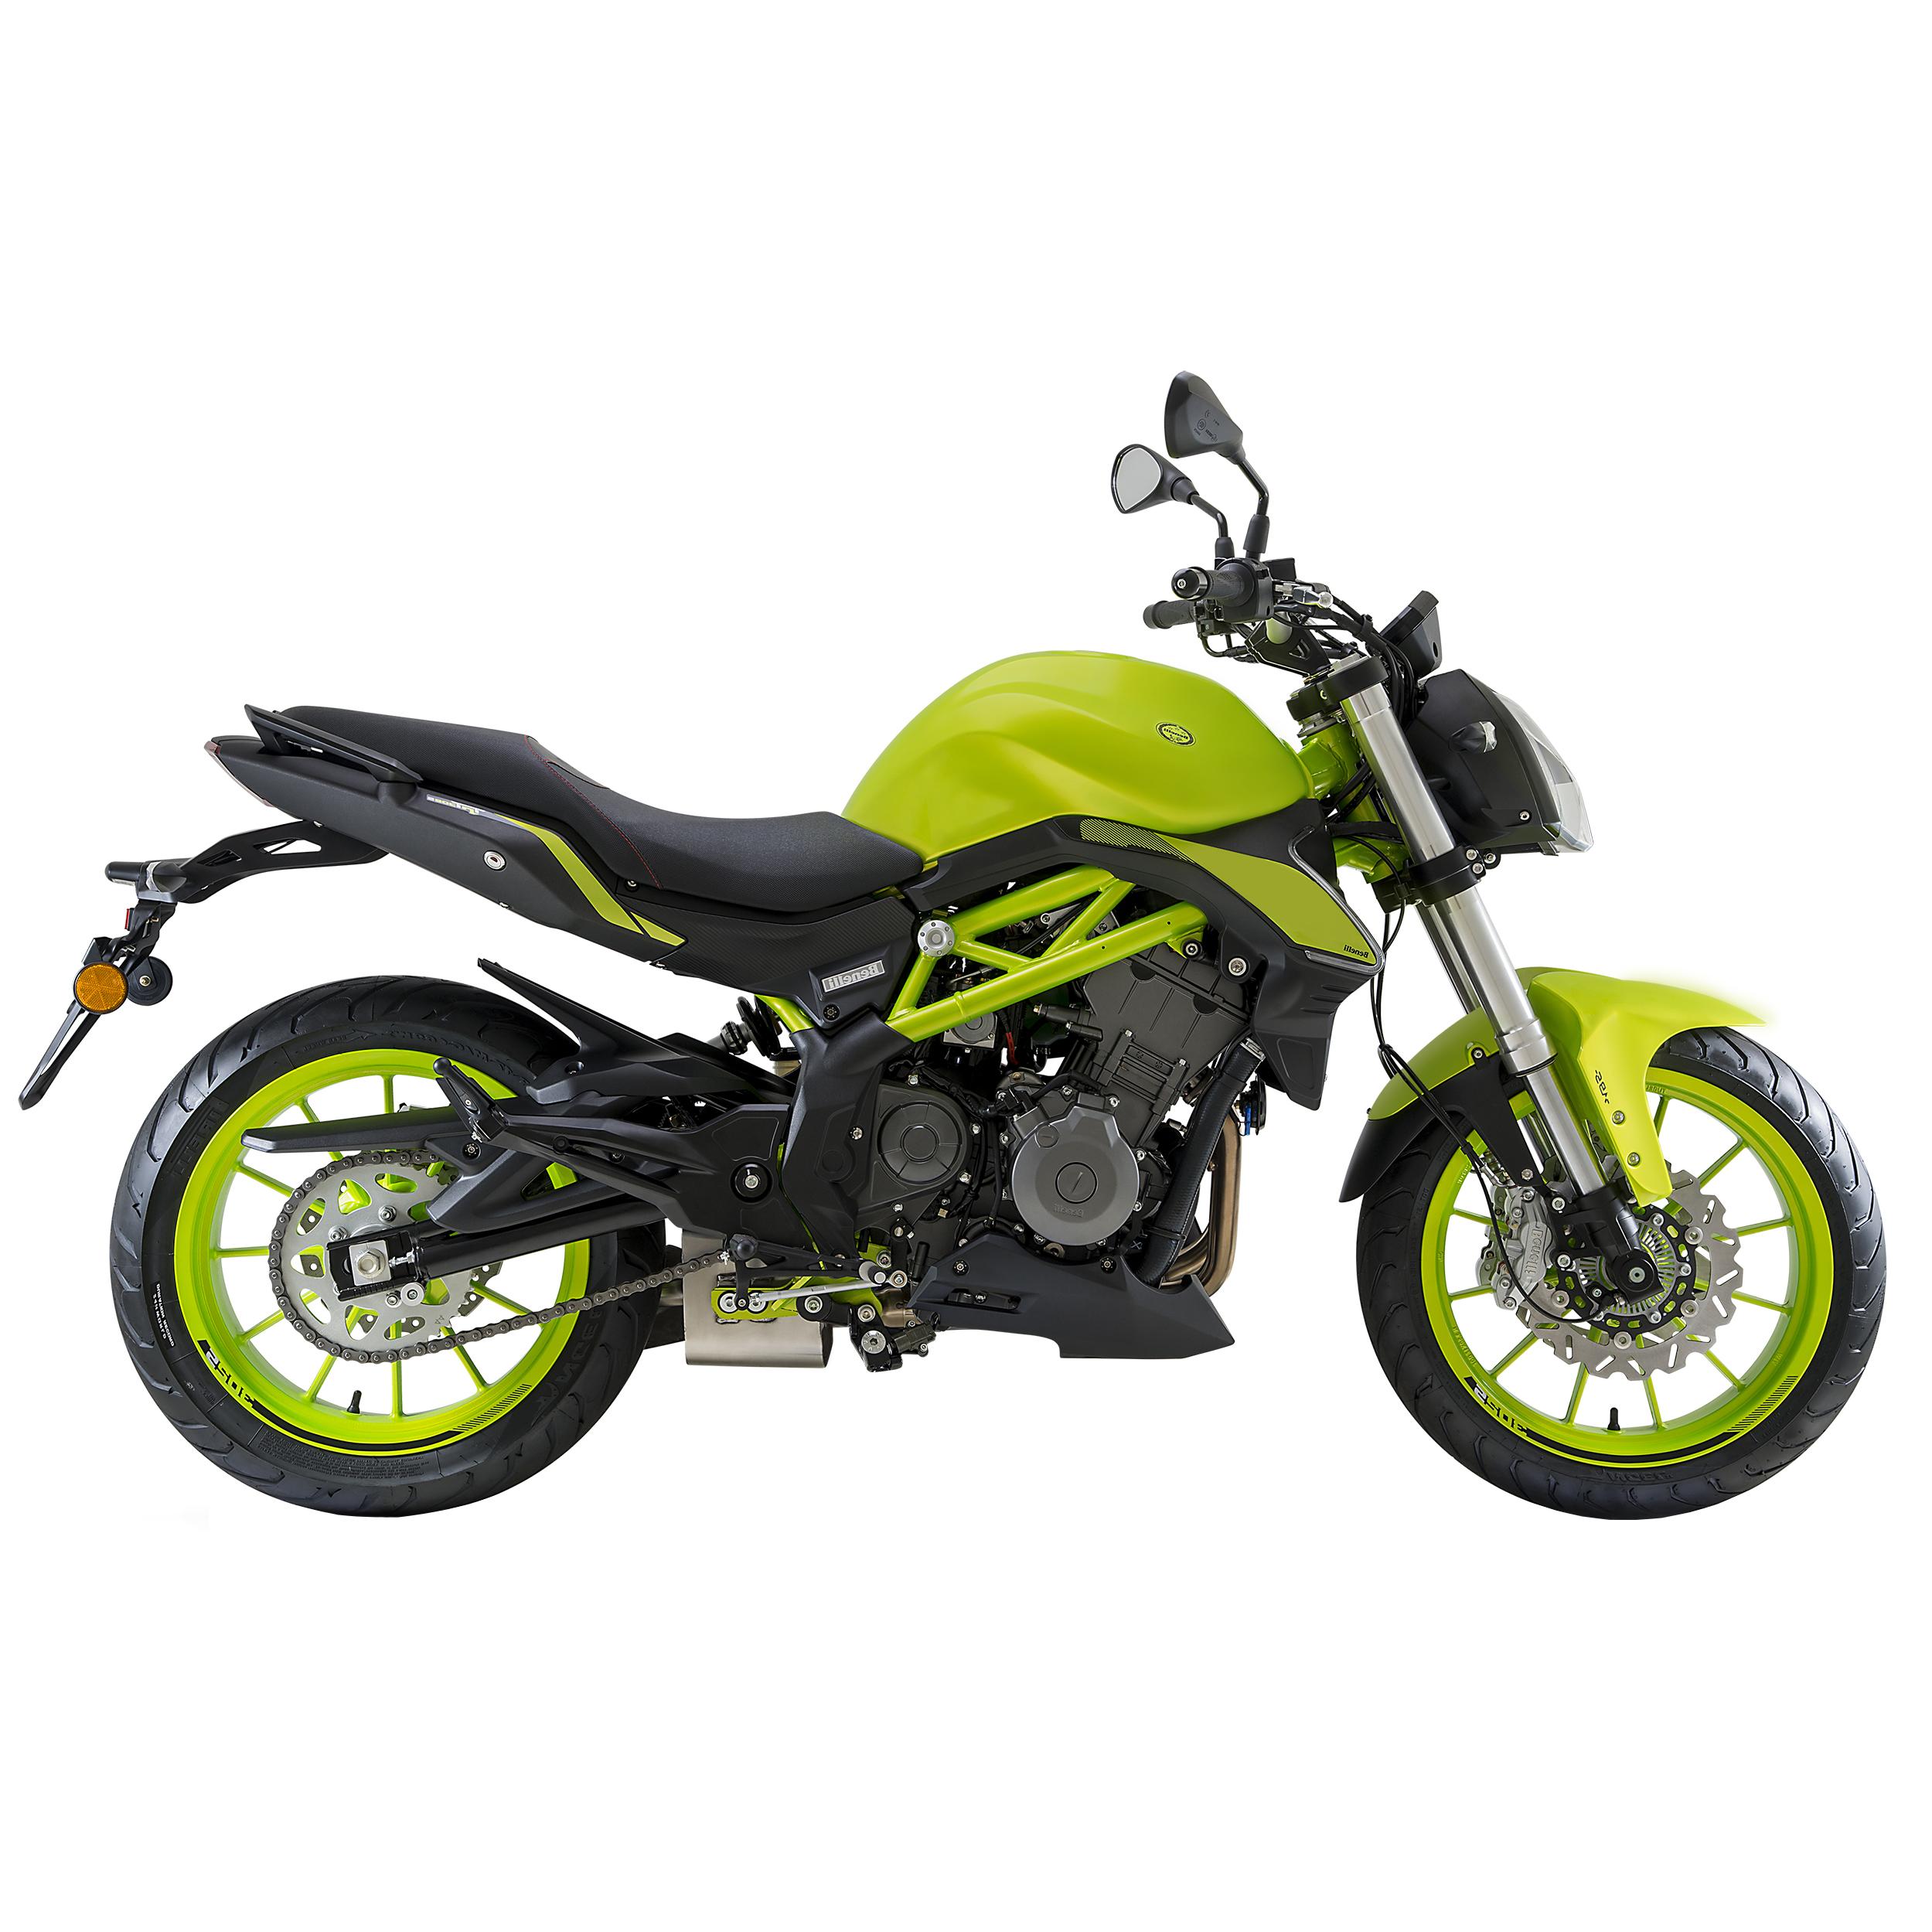 موتورسیکلت بنلی مدل TNT 249S سال 1398